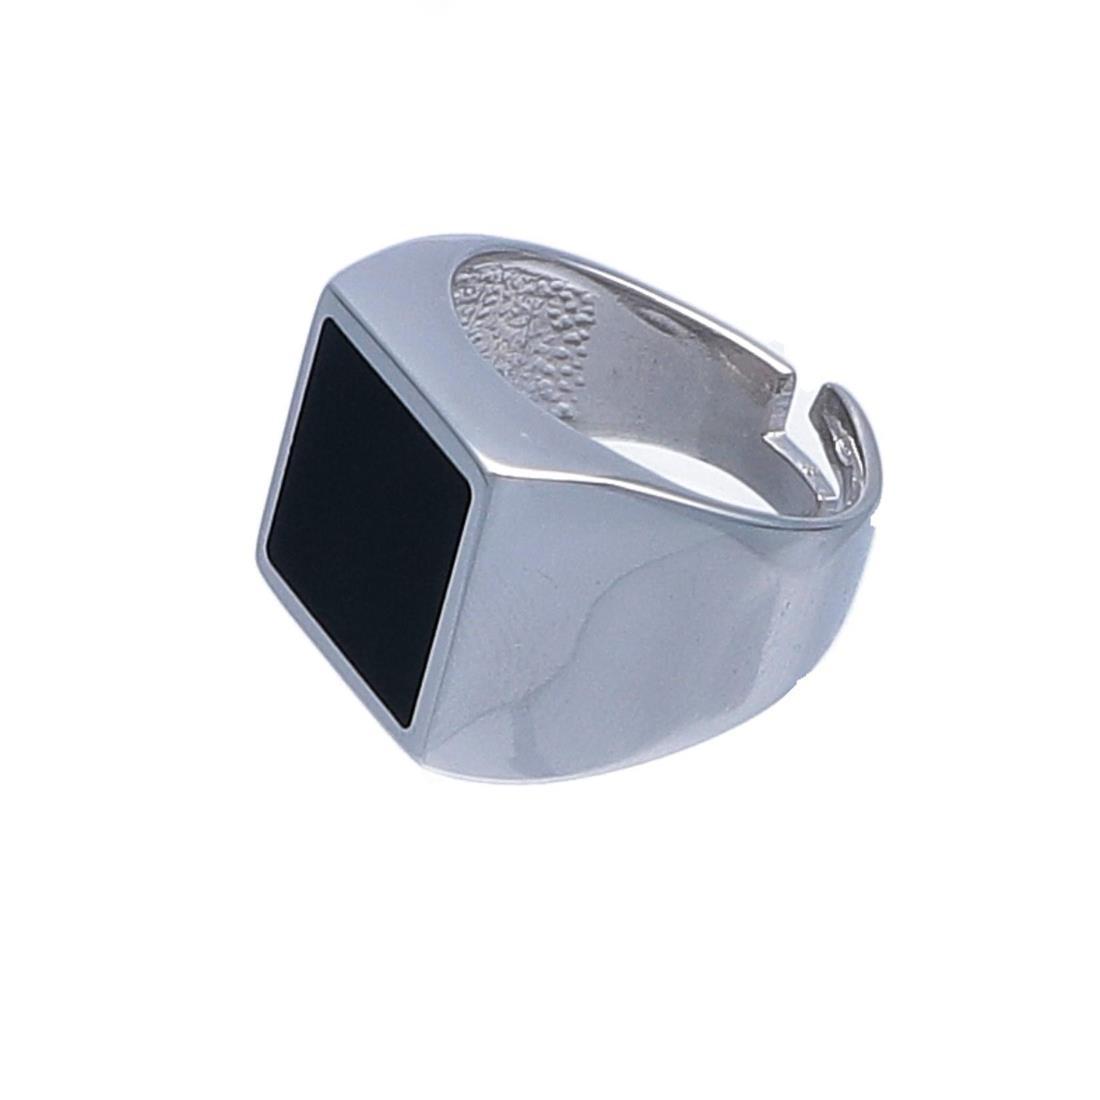 Anello da uomo in argento 925 - ORO&CO